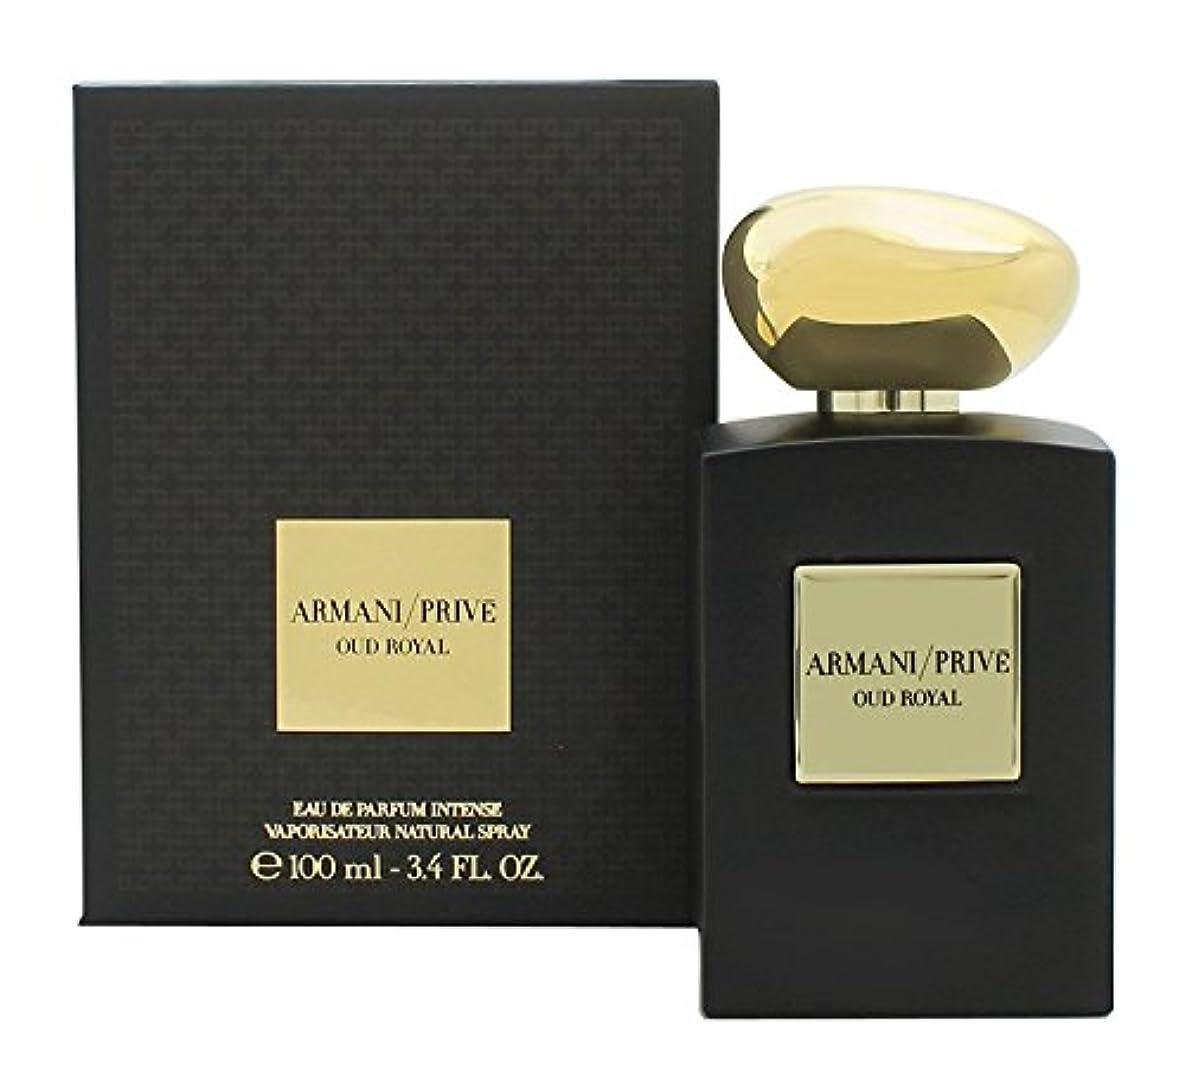 バース包囲最小化するジョルジオアルマーニ Prive Oud Royal Eau De Parfum Intense Spray 100ml/3.4oz並行輸入品